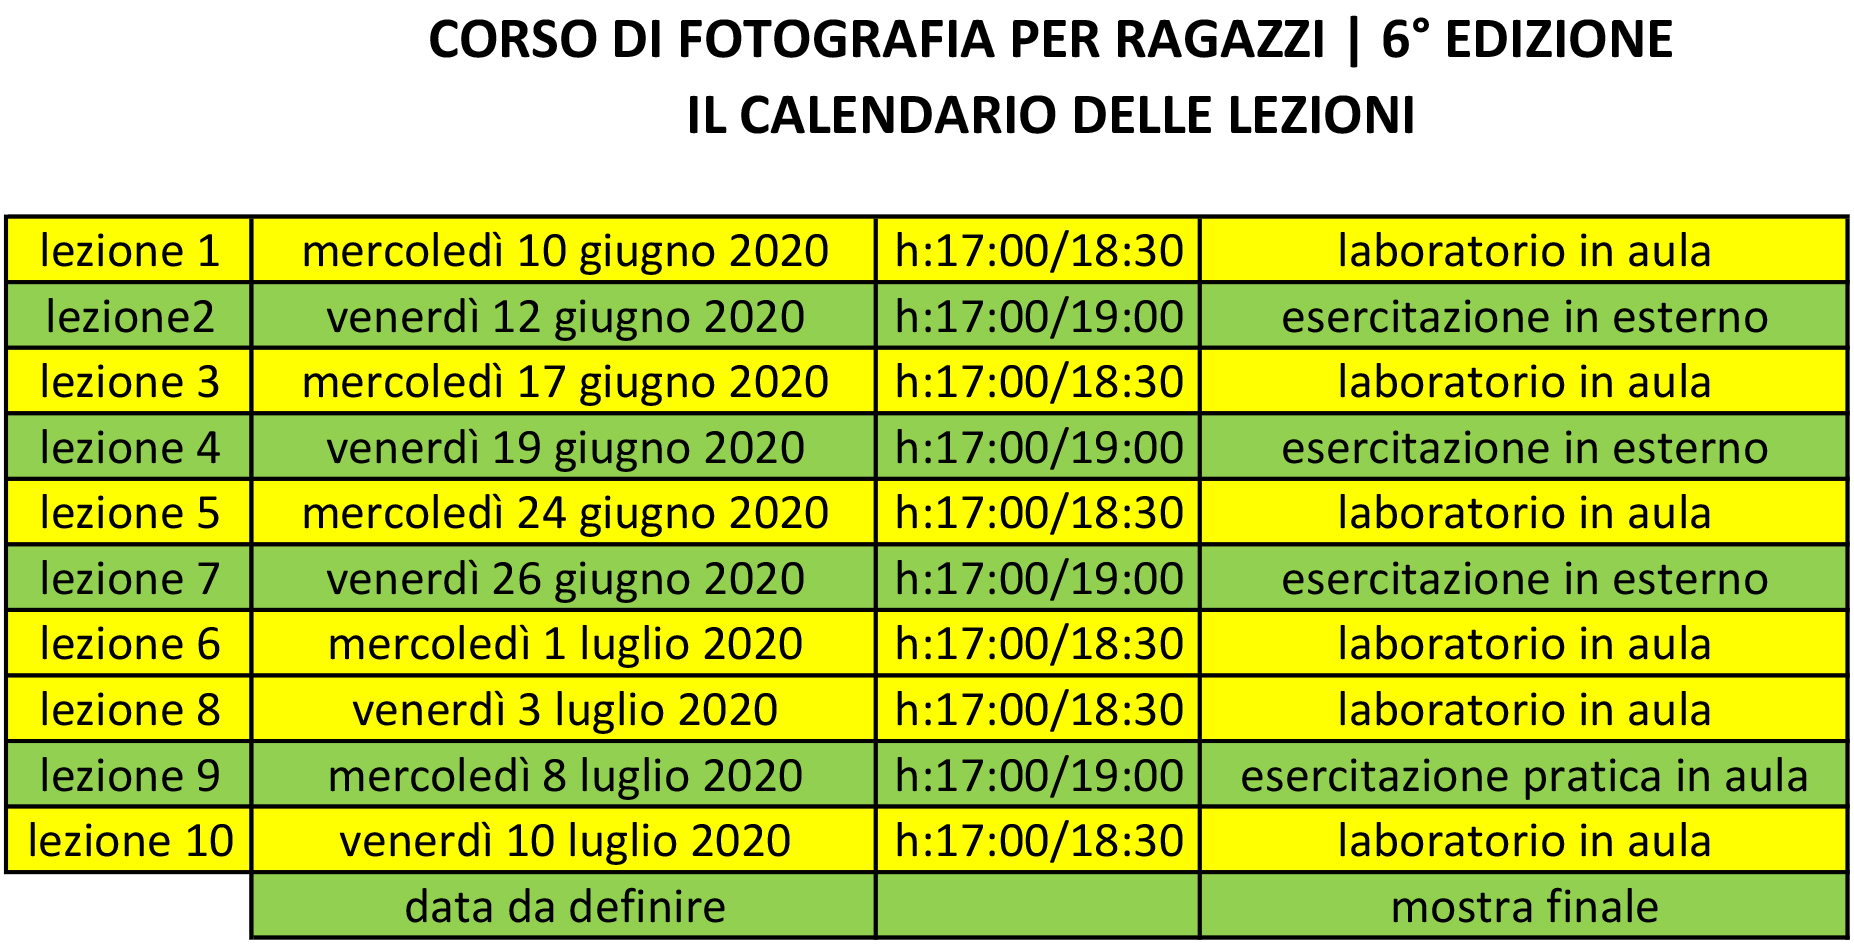 corso di fotografia per ragazzi a Napoli| il calendario con le lezioni